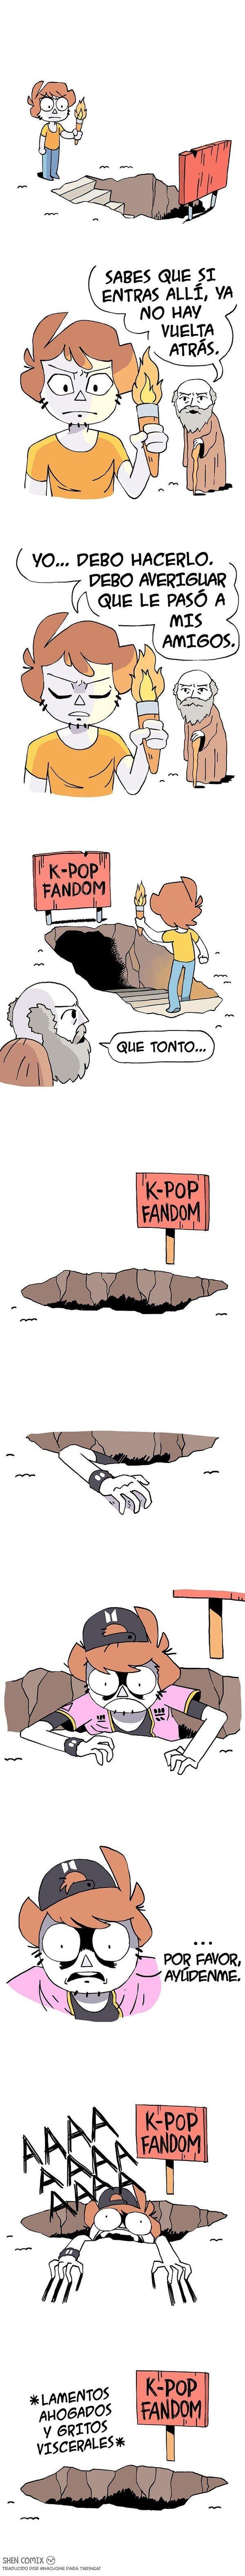 Otros - Una vez entras al fandom de k-pop ya no hay vuelta atrás